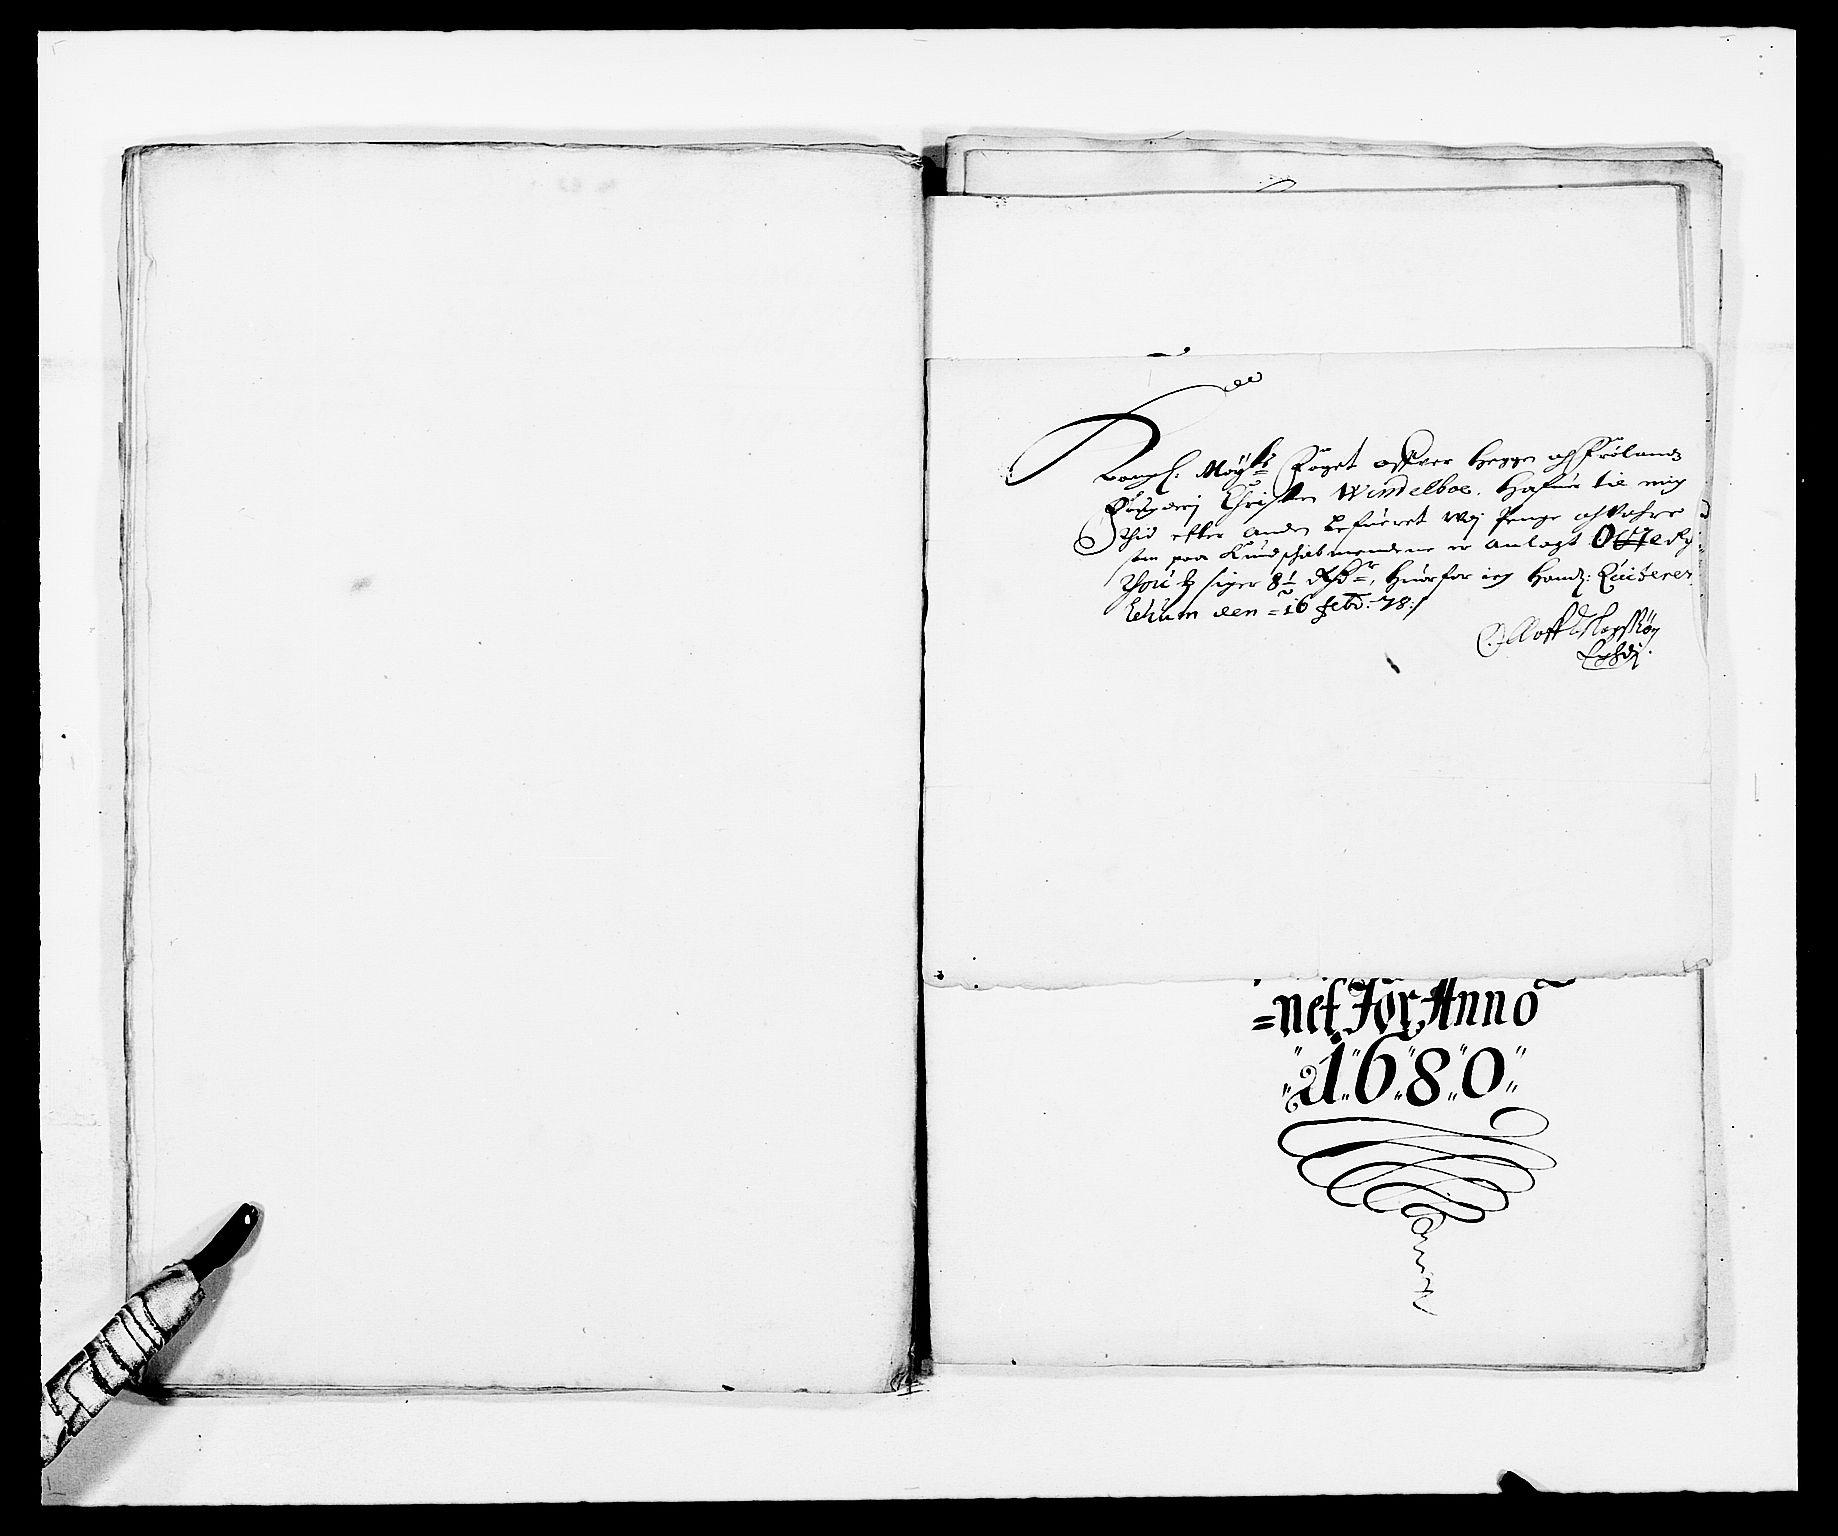 RA, Rentekammeret inntil 1814, Reviderte regnskaper, Fogderegnskap, R06/L0281: Fogderegnskap Heggen og Frøland, 1678-1686, s. 159